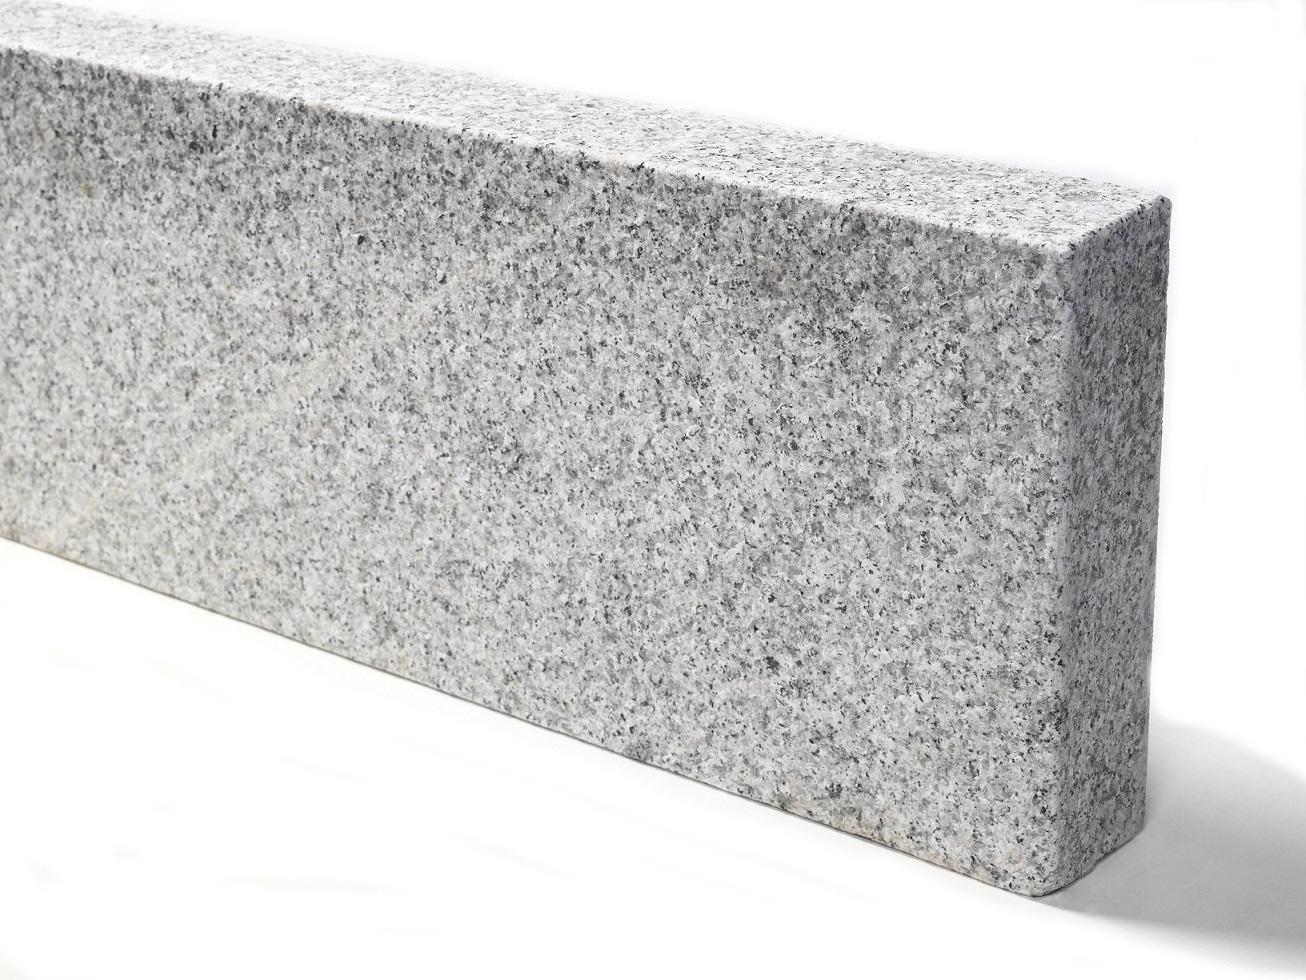 granit-kantenstein-hellgrau-gesa_gt-geflammt